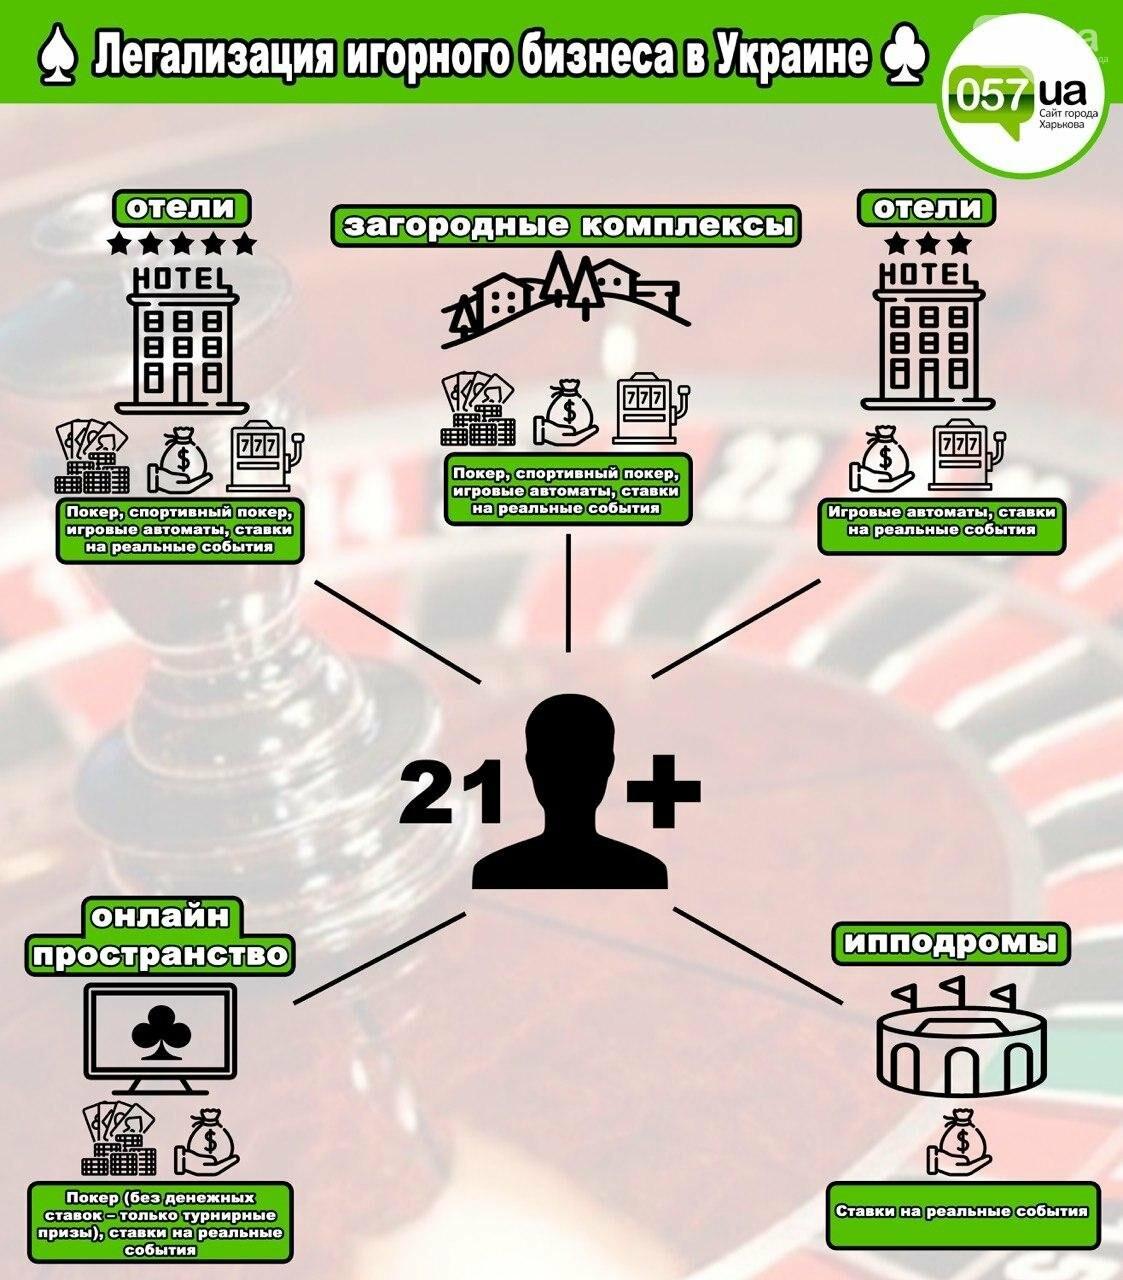 Легализация игорного бизнеса в Украине: что нужно знать харьковчанам, - ИНФОГРАФИКА, фото-1